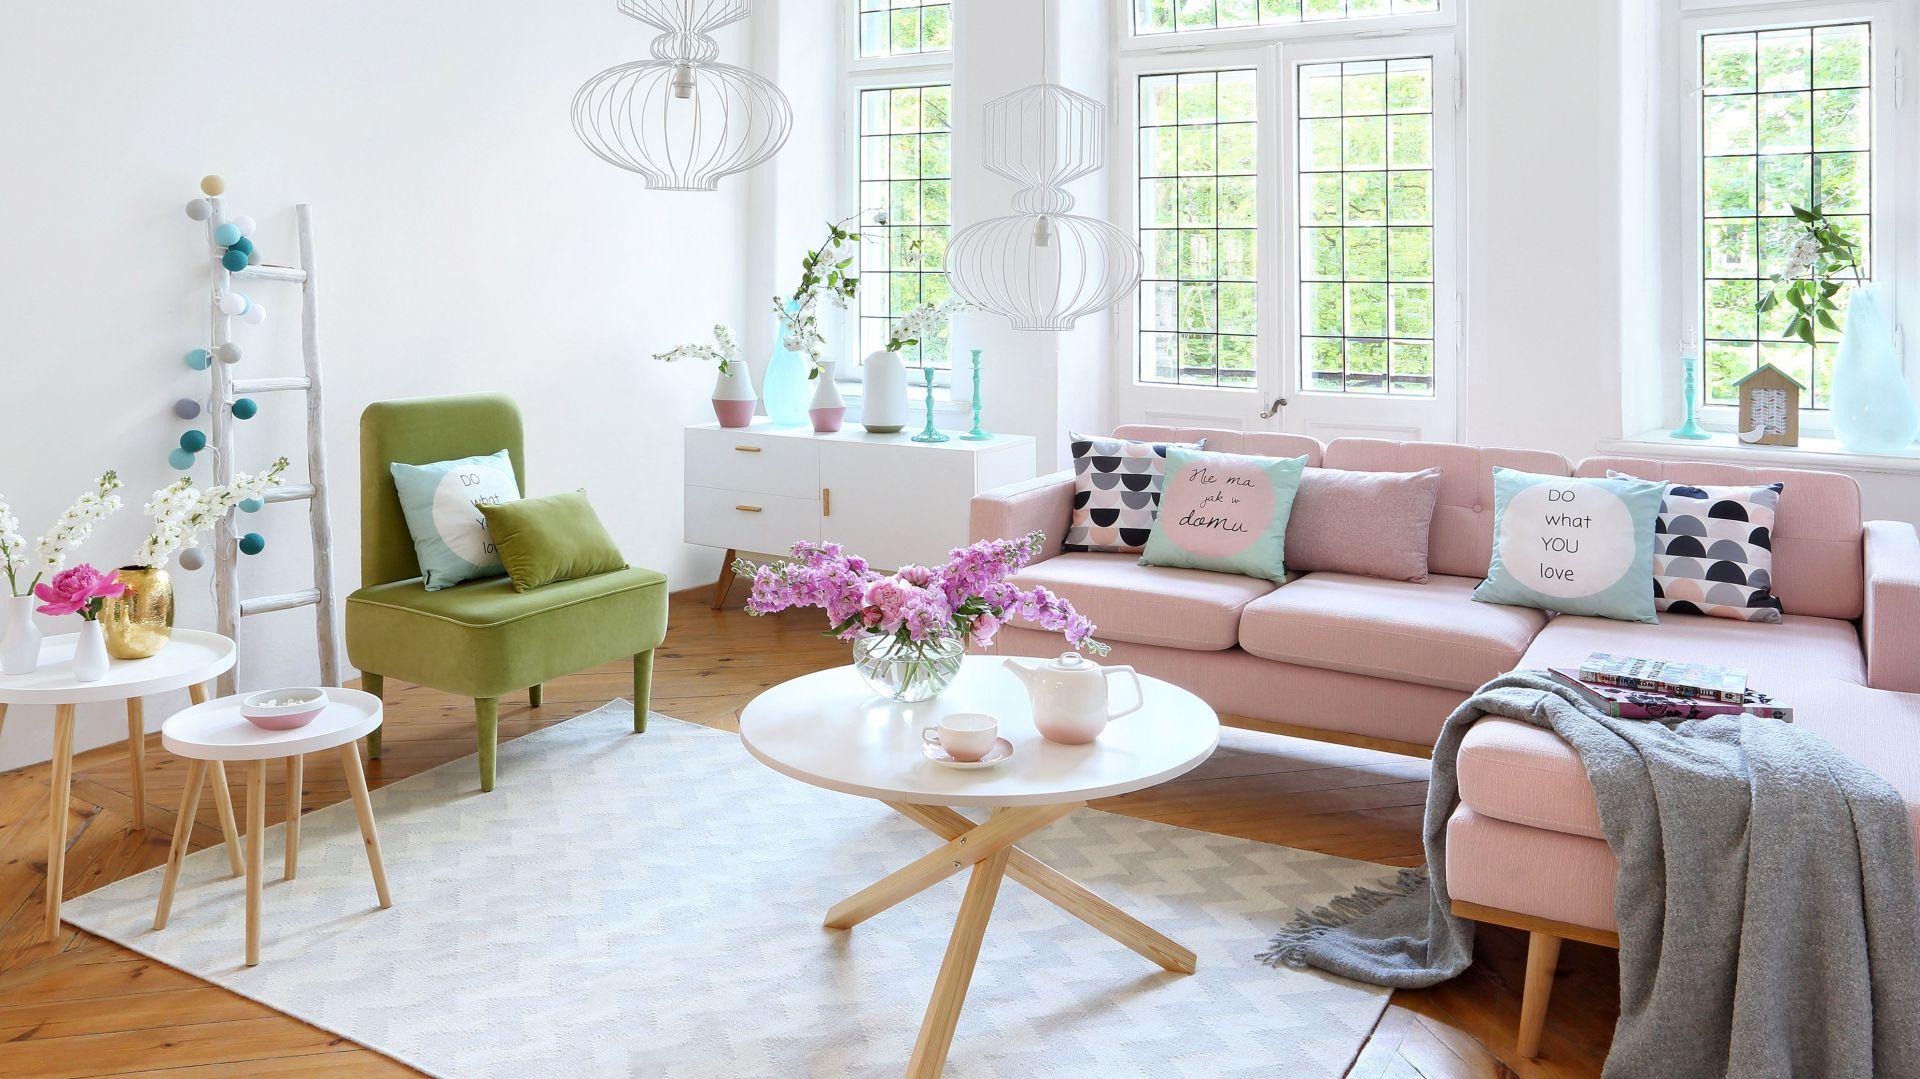 Salon w stylu skandynawskim. Fot. Westwing